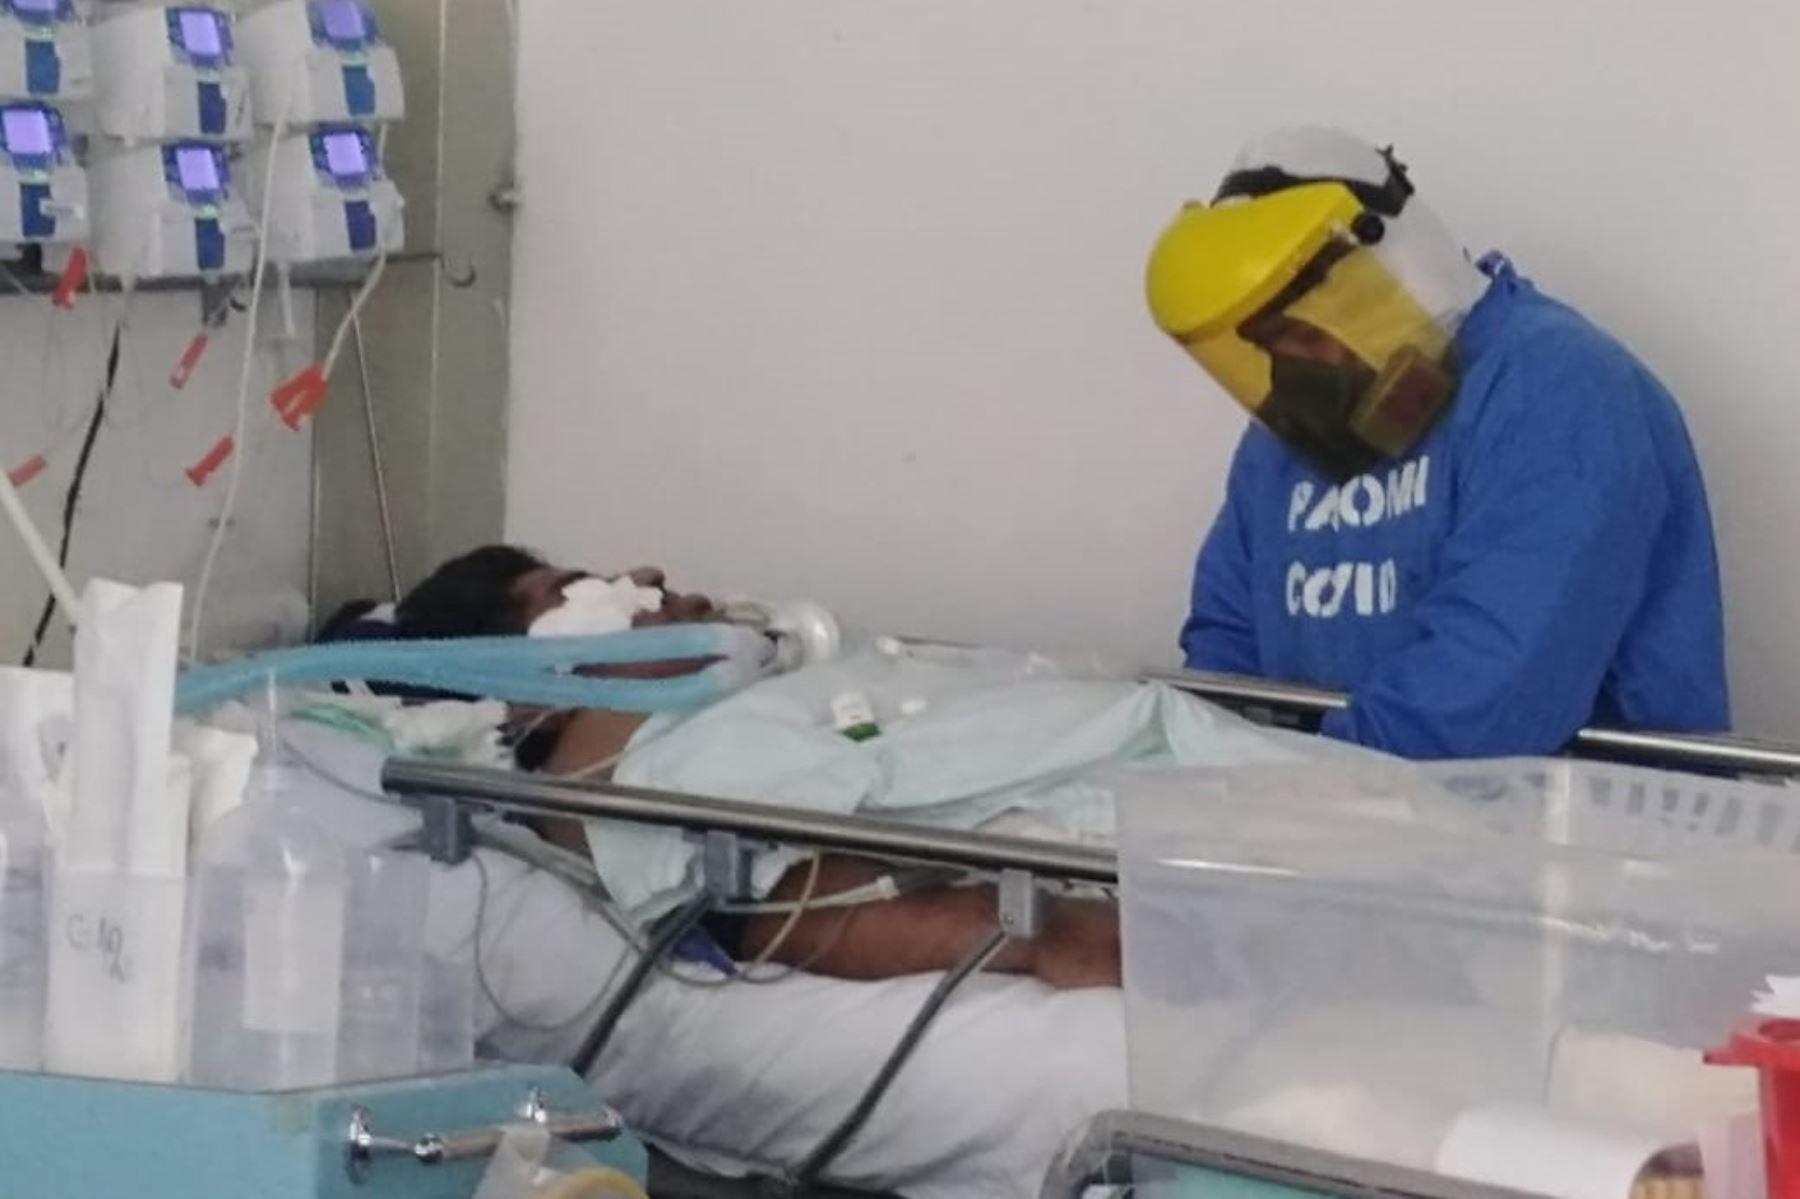 Las 17 camas con las que cuenta el Hospital III Chimbote (Áncash) en su UCI covid se encuentran ocupadas con pacientes críticos. Foto: ANDINA/Difusión